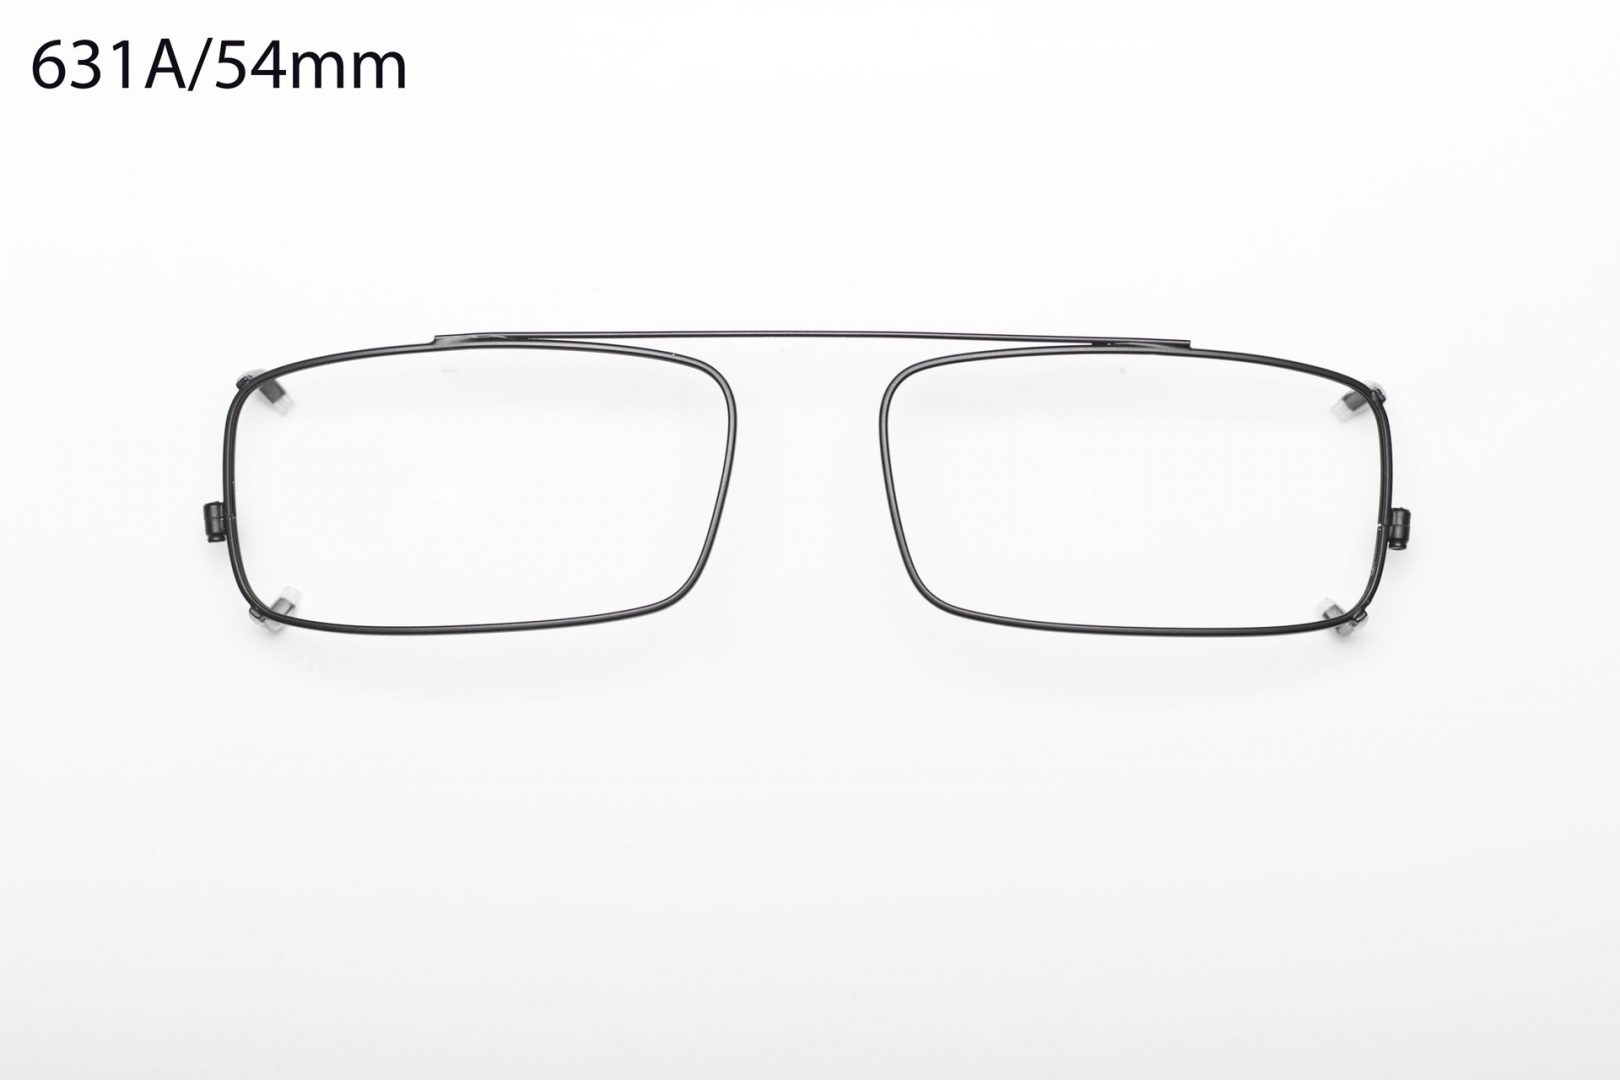 Modèle A4-631A54mm